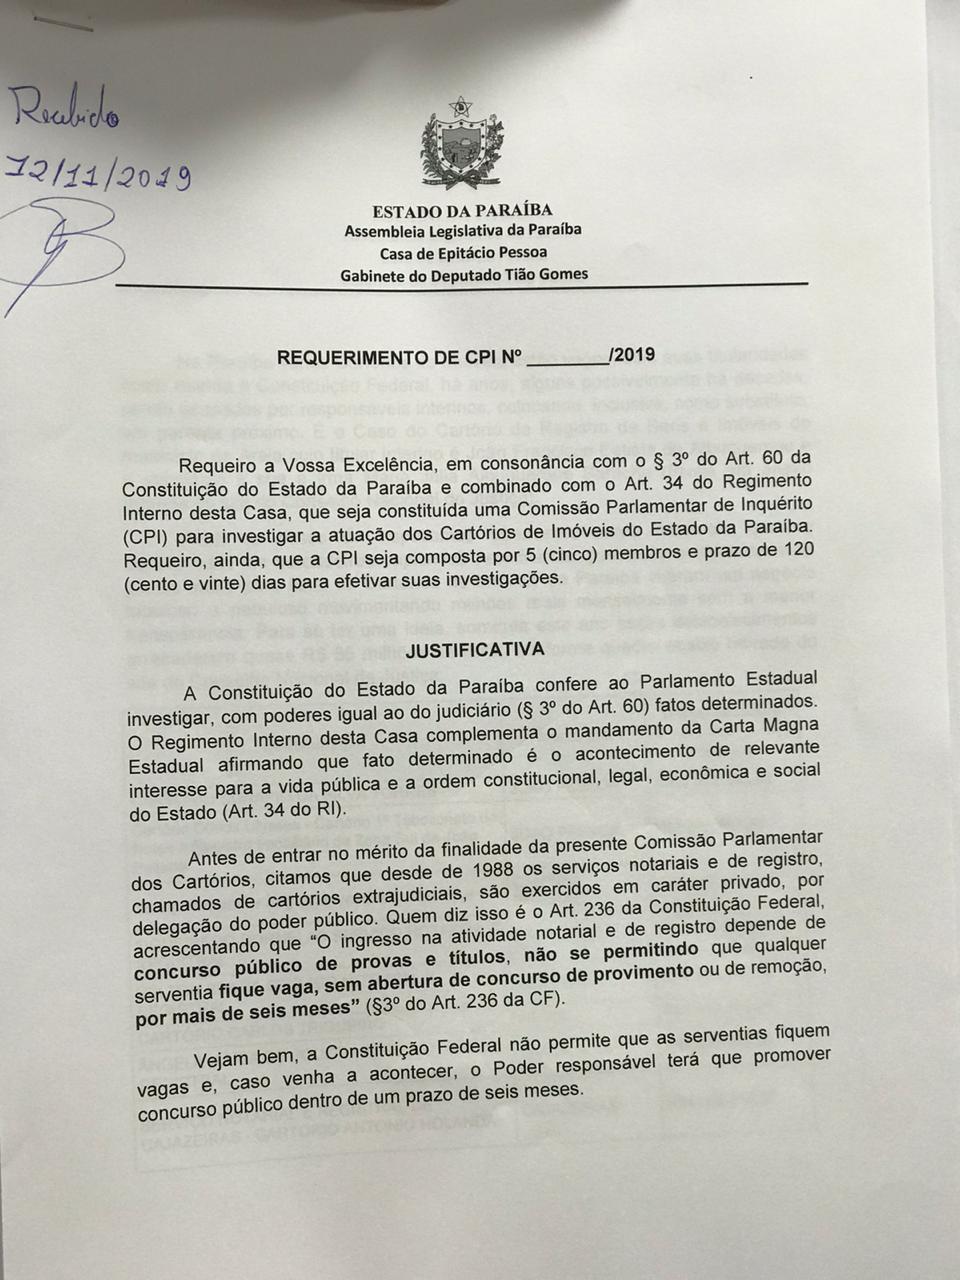 e6c2f02a affd 4ecf 88b2 ba49f6c4f4c4 - Tião Gomes protocola a CPI dos Cartórios com 12 assinaturas